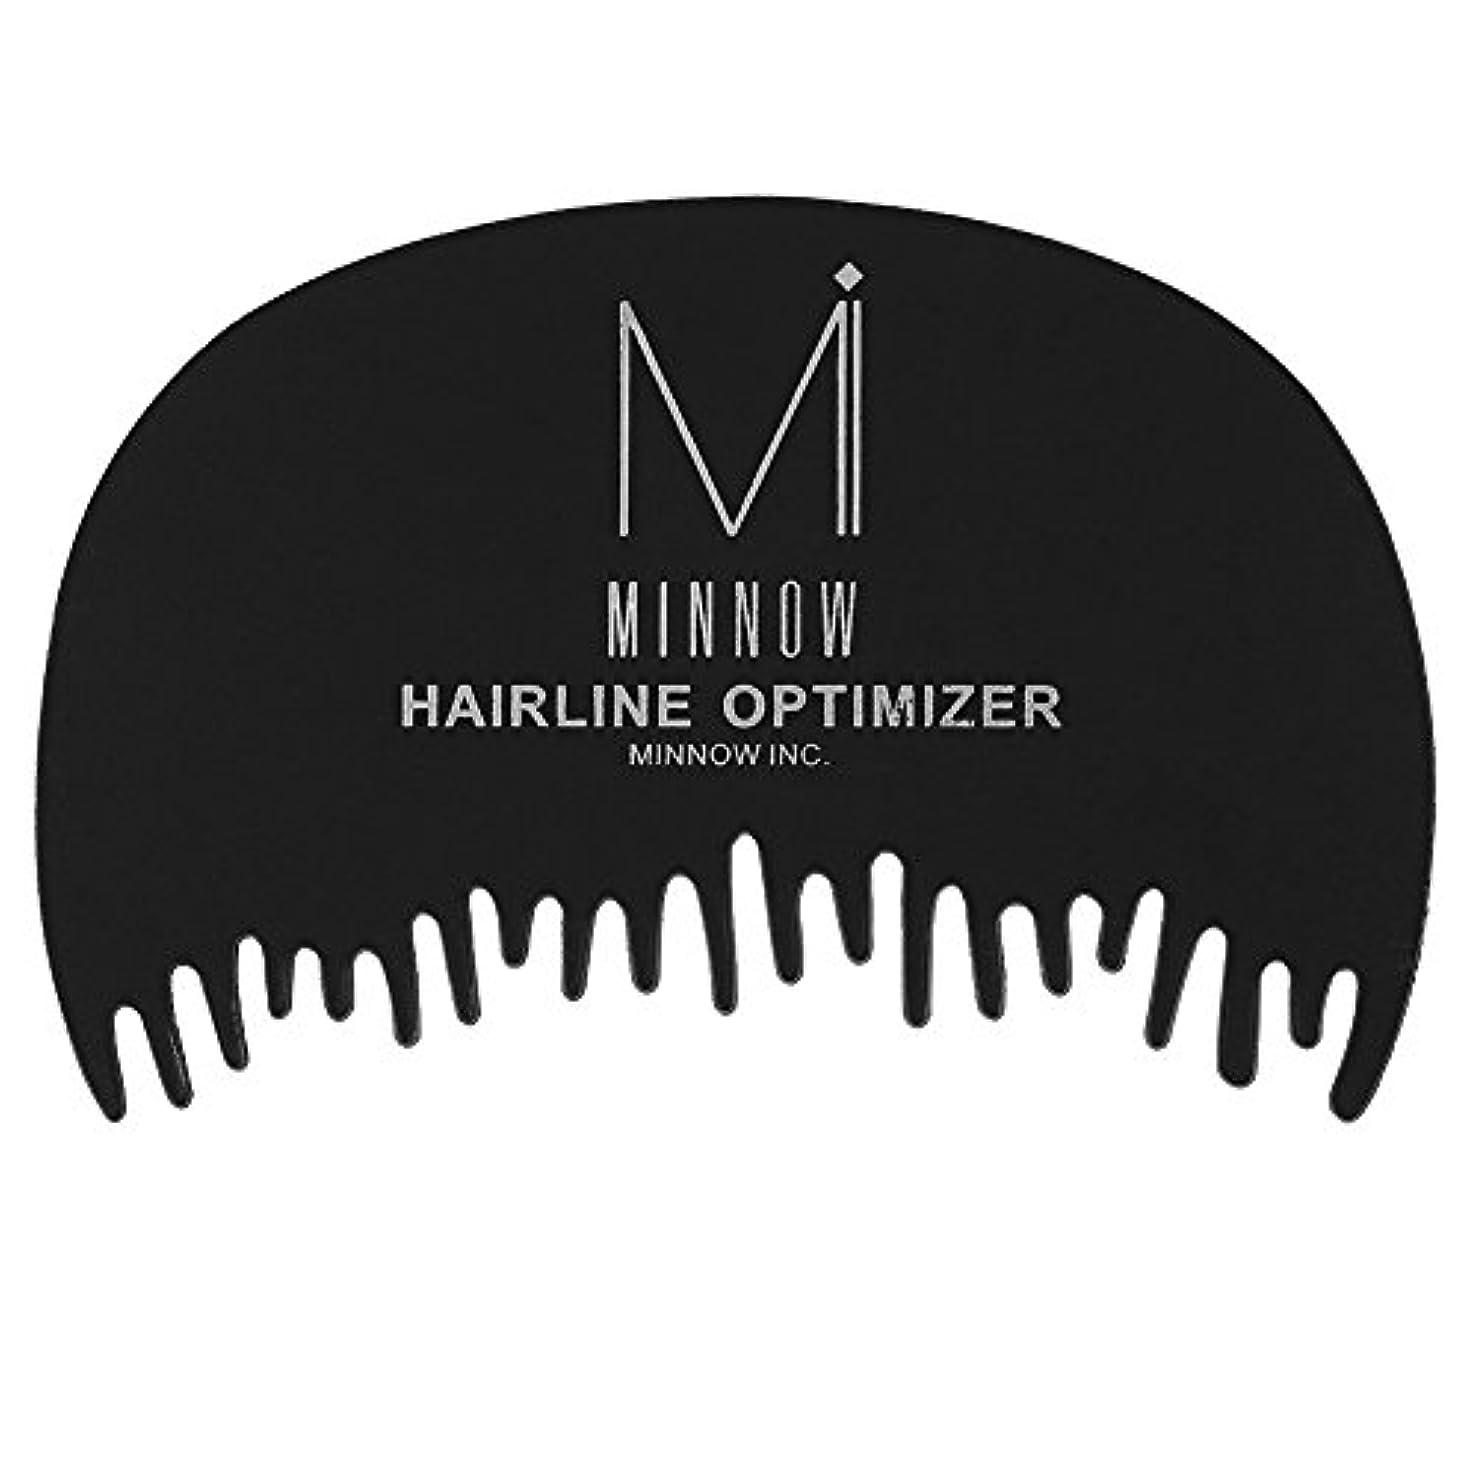 やめる別のアスレチックヘアラインコーム、ヘアドレッサー細い毛繊維の前髪ヘアラインオプティマイザーフィルムプラスチック専用コーム、プロフェッショナルビューティーサロン製品アクセサリー